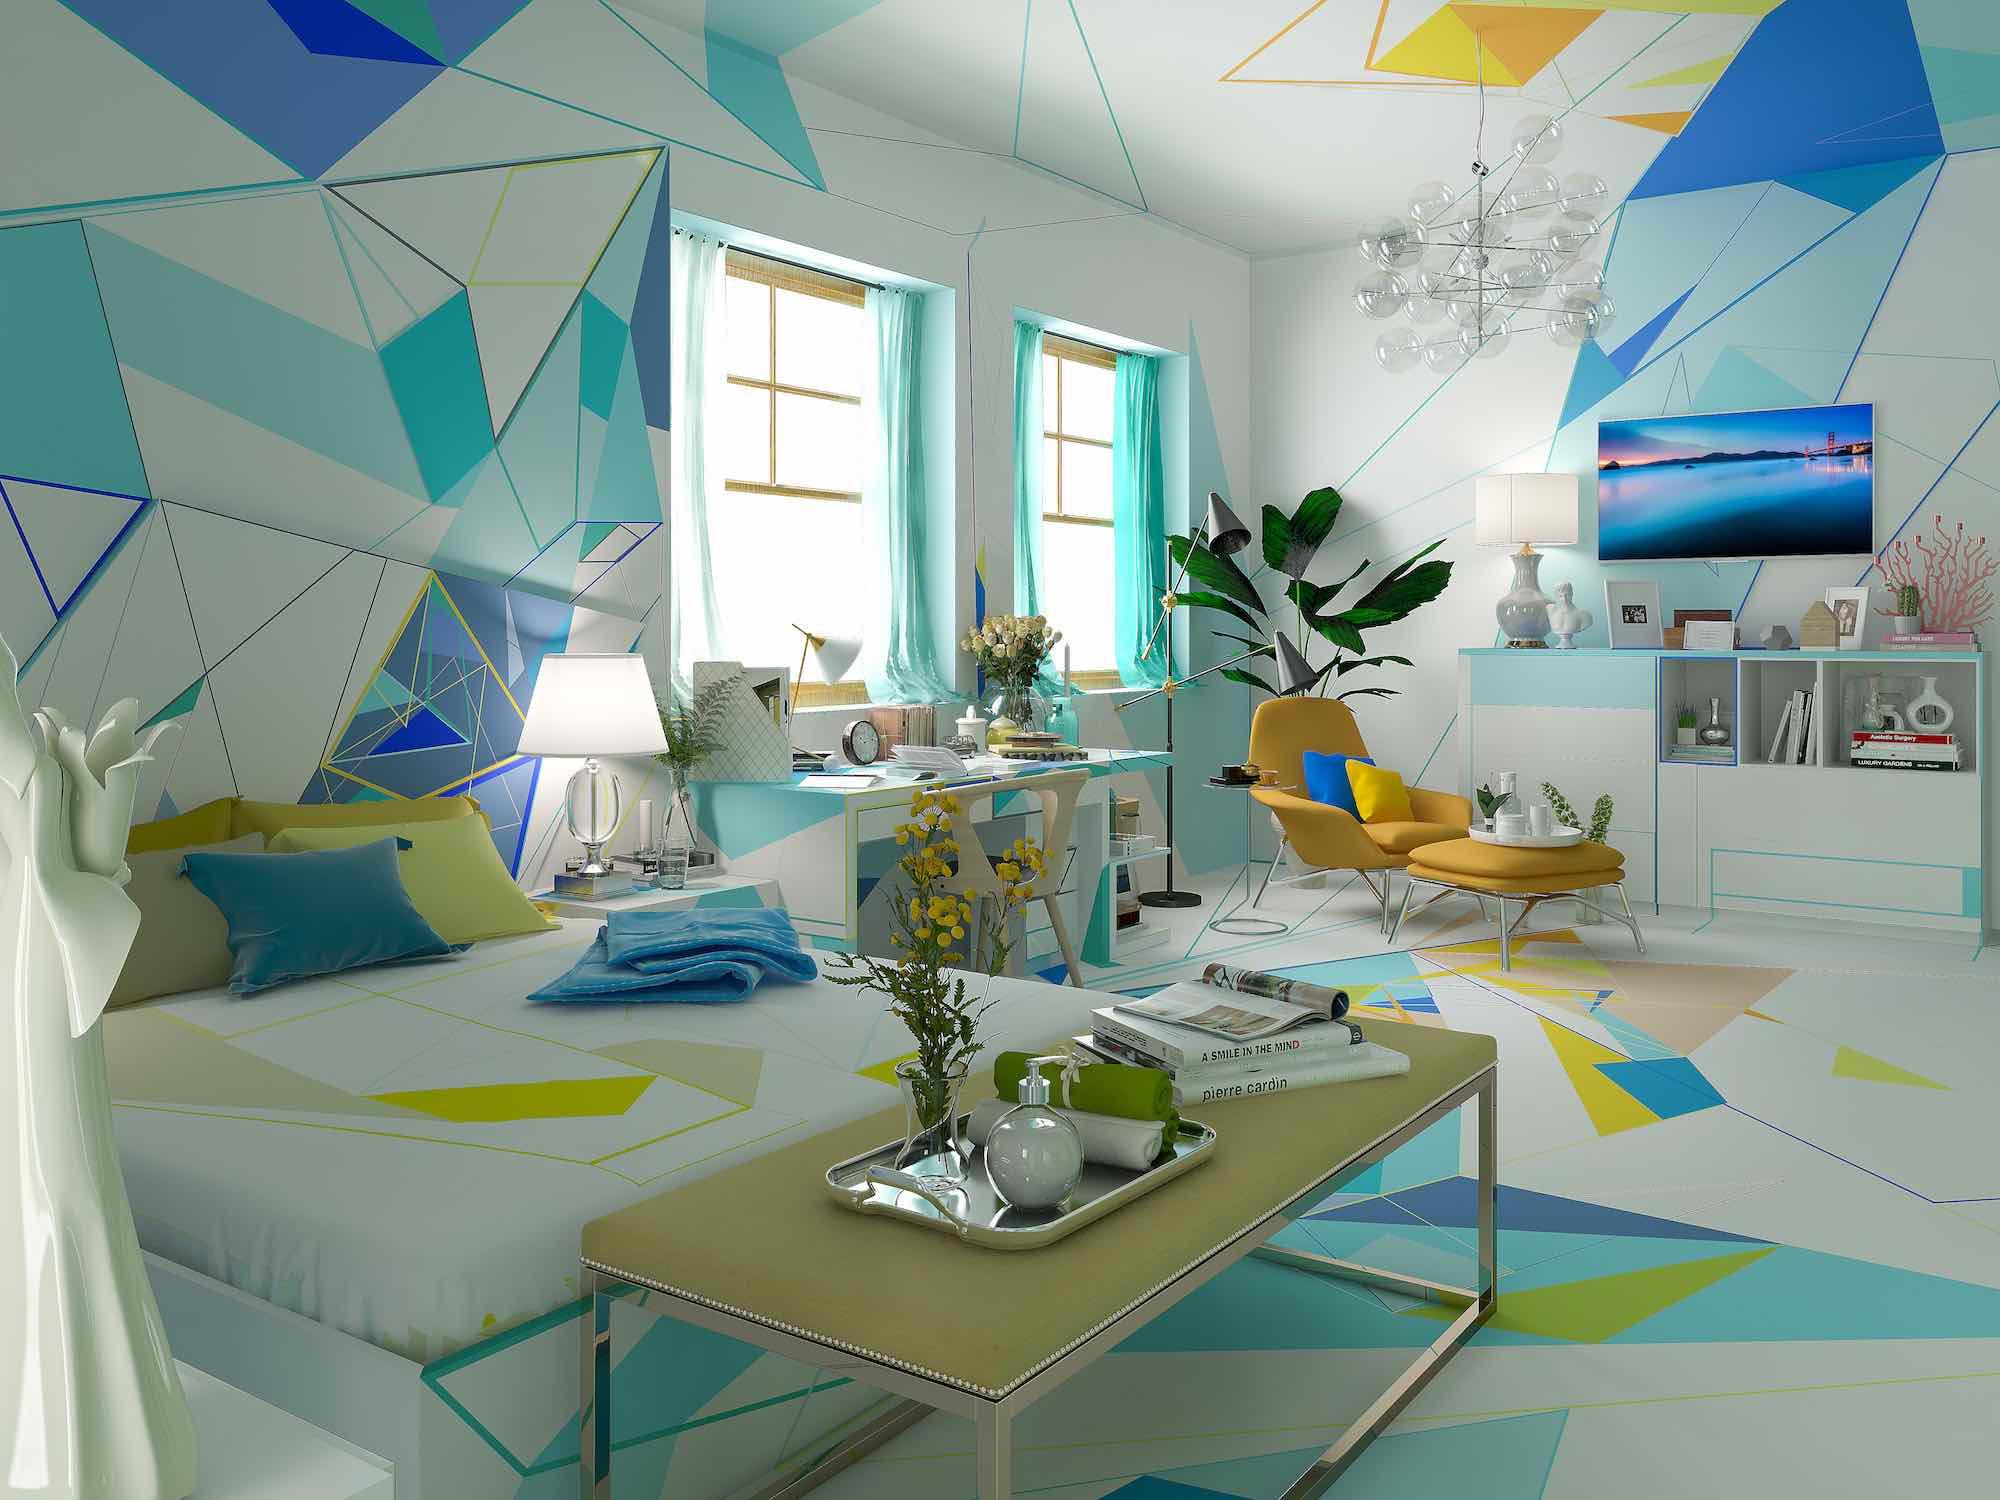 the amazing bedroom